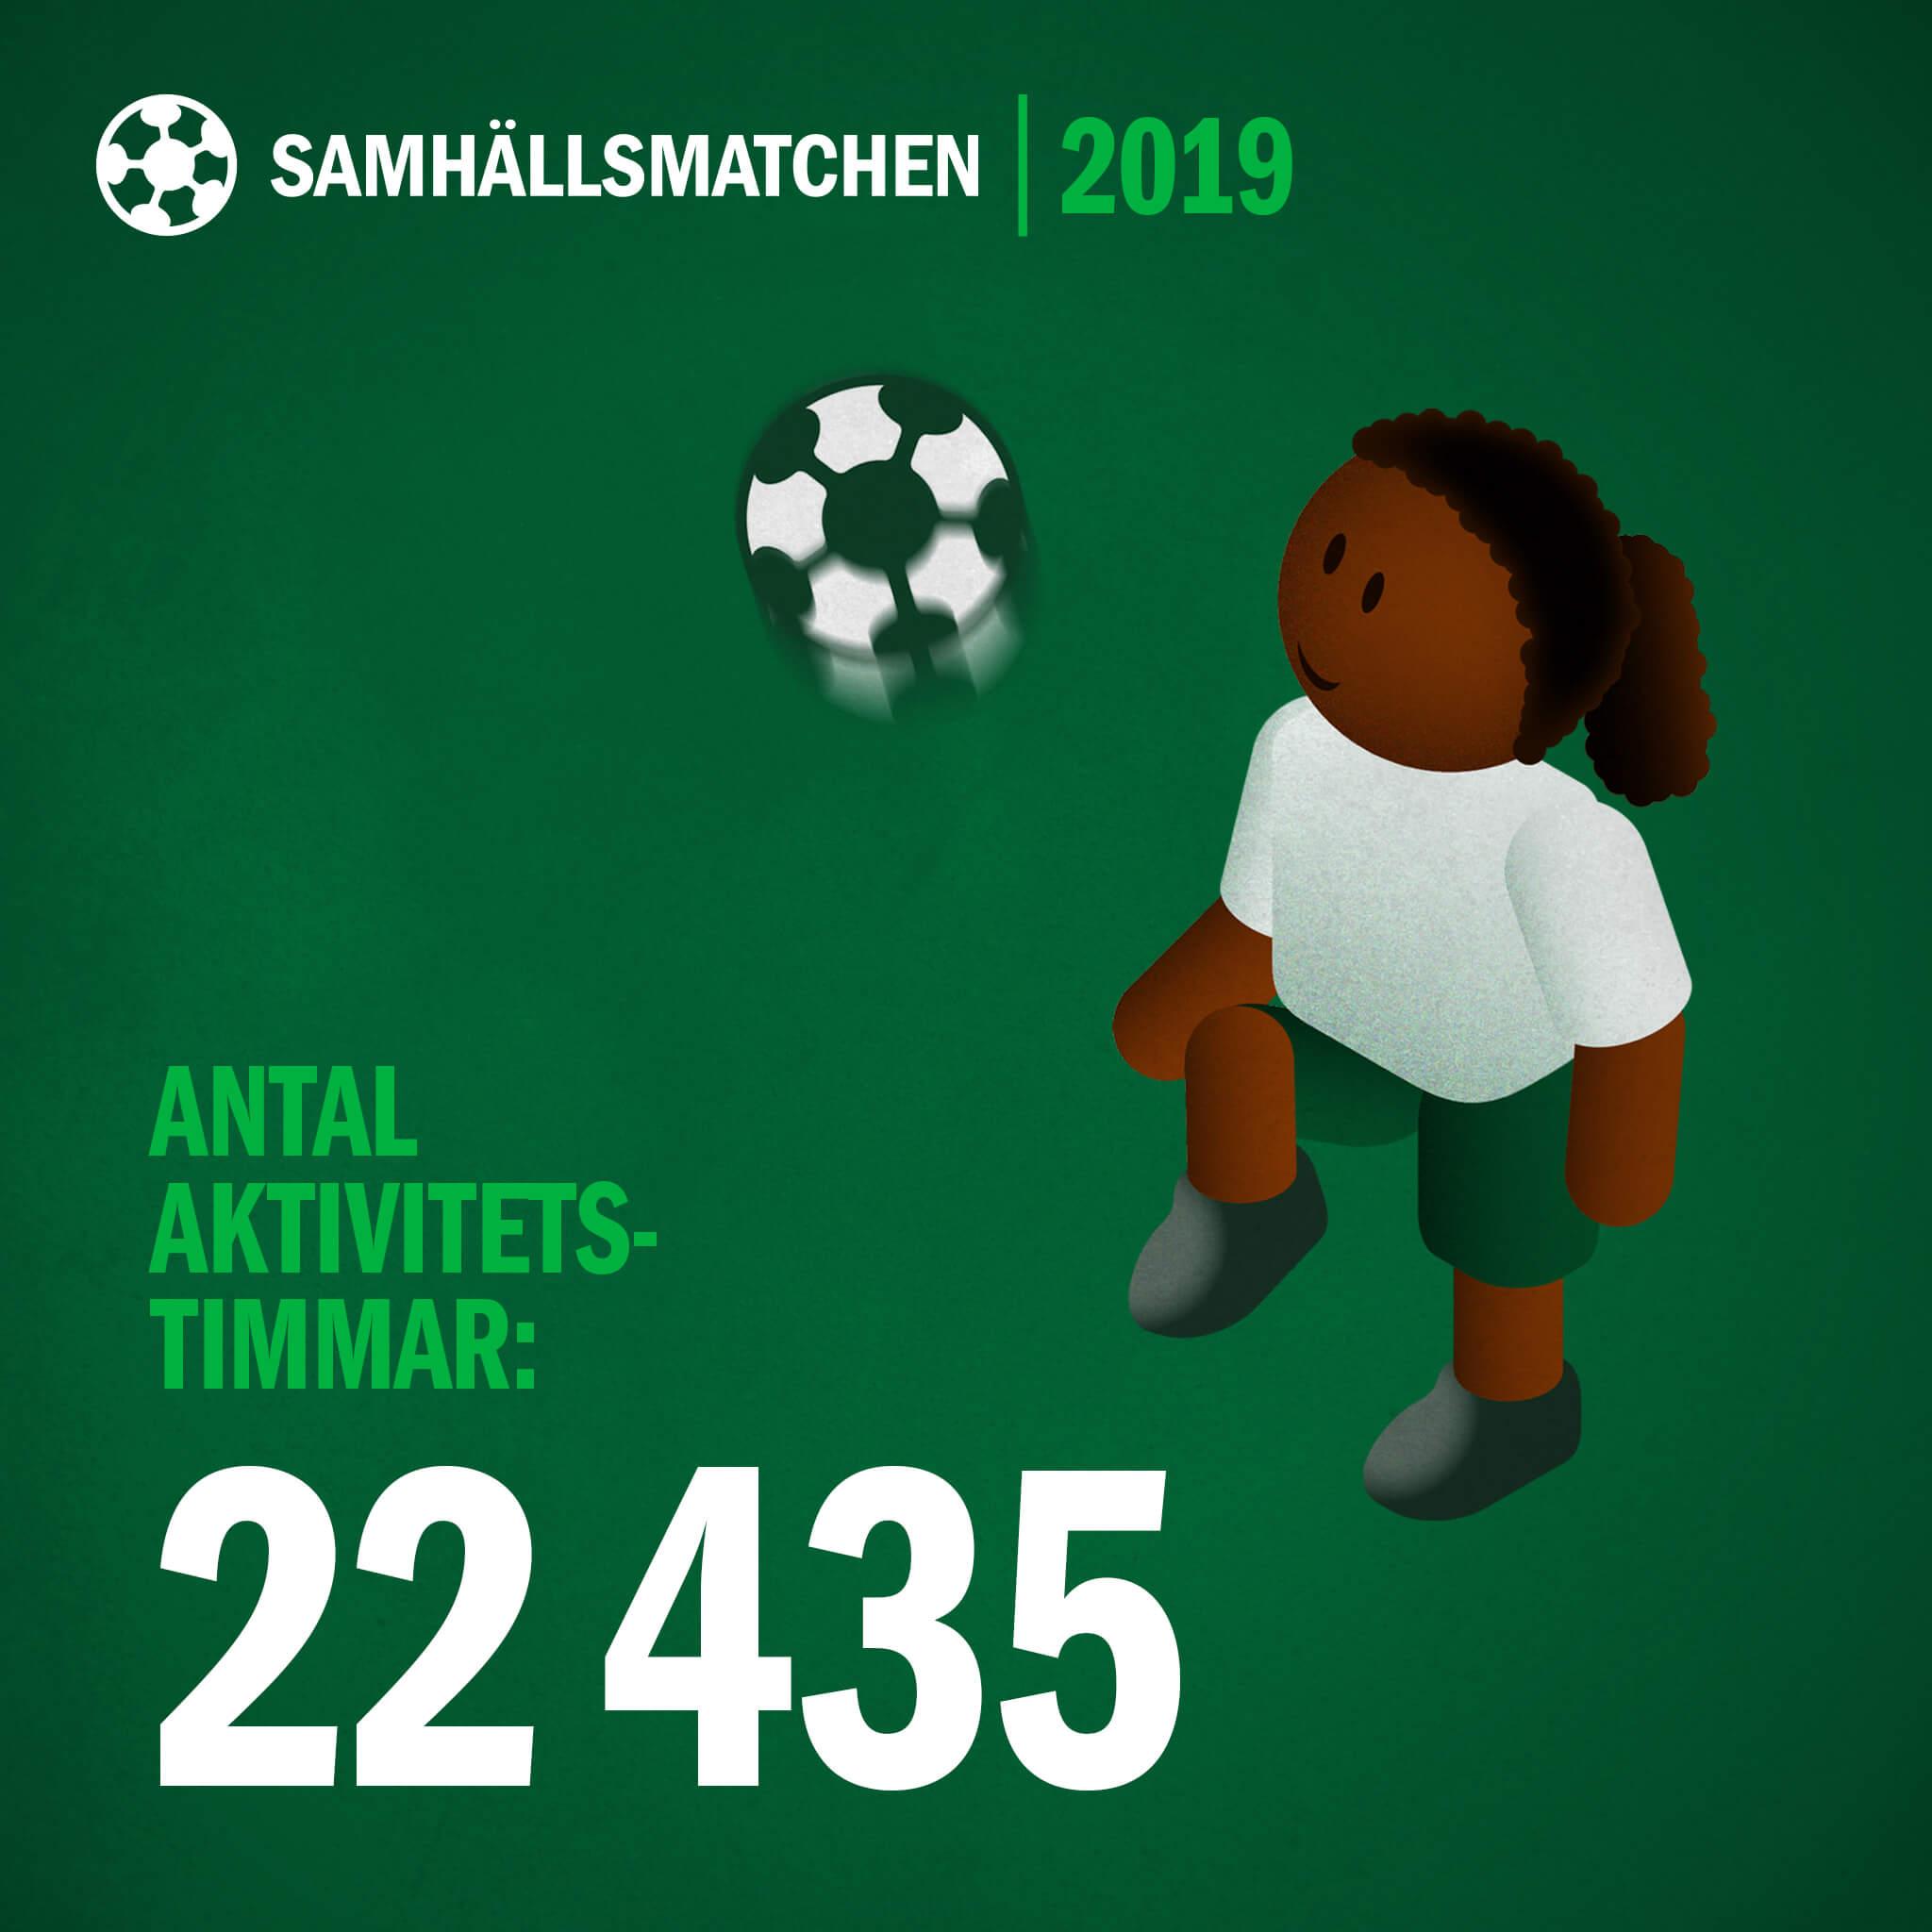 22 435 aktivitetstimmar